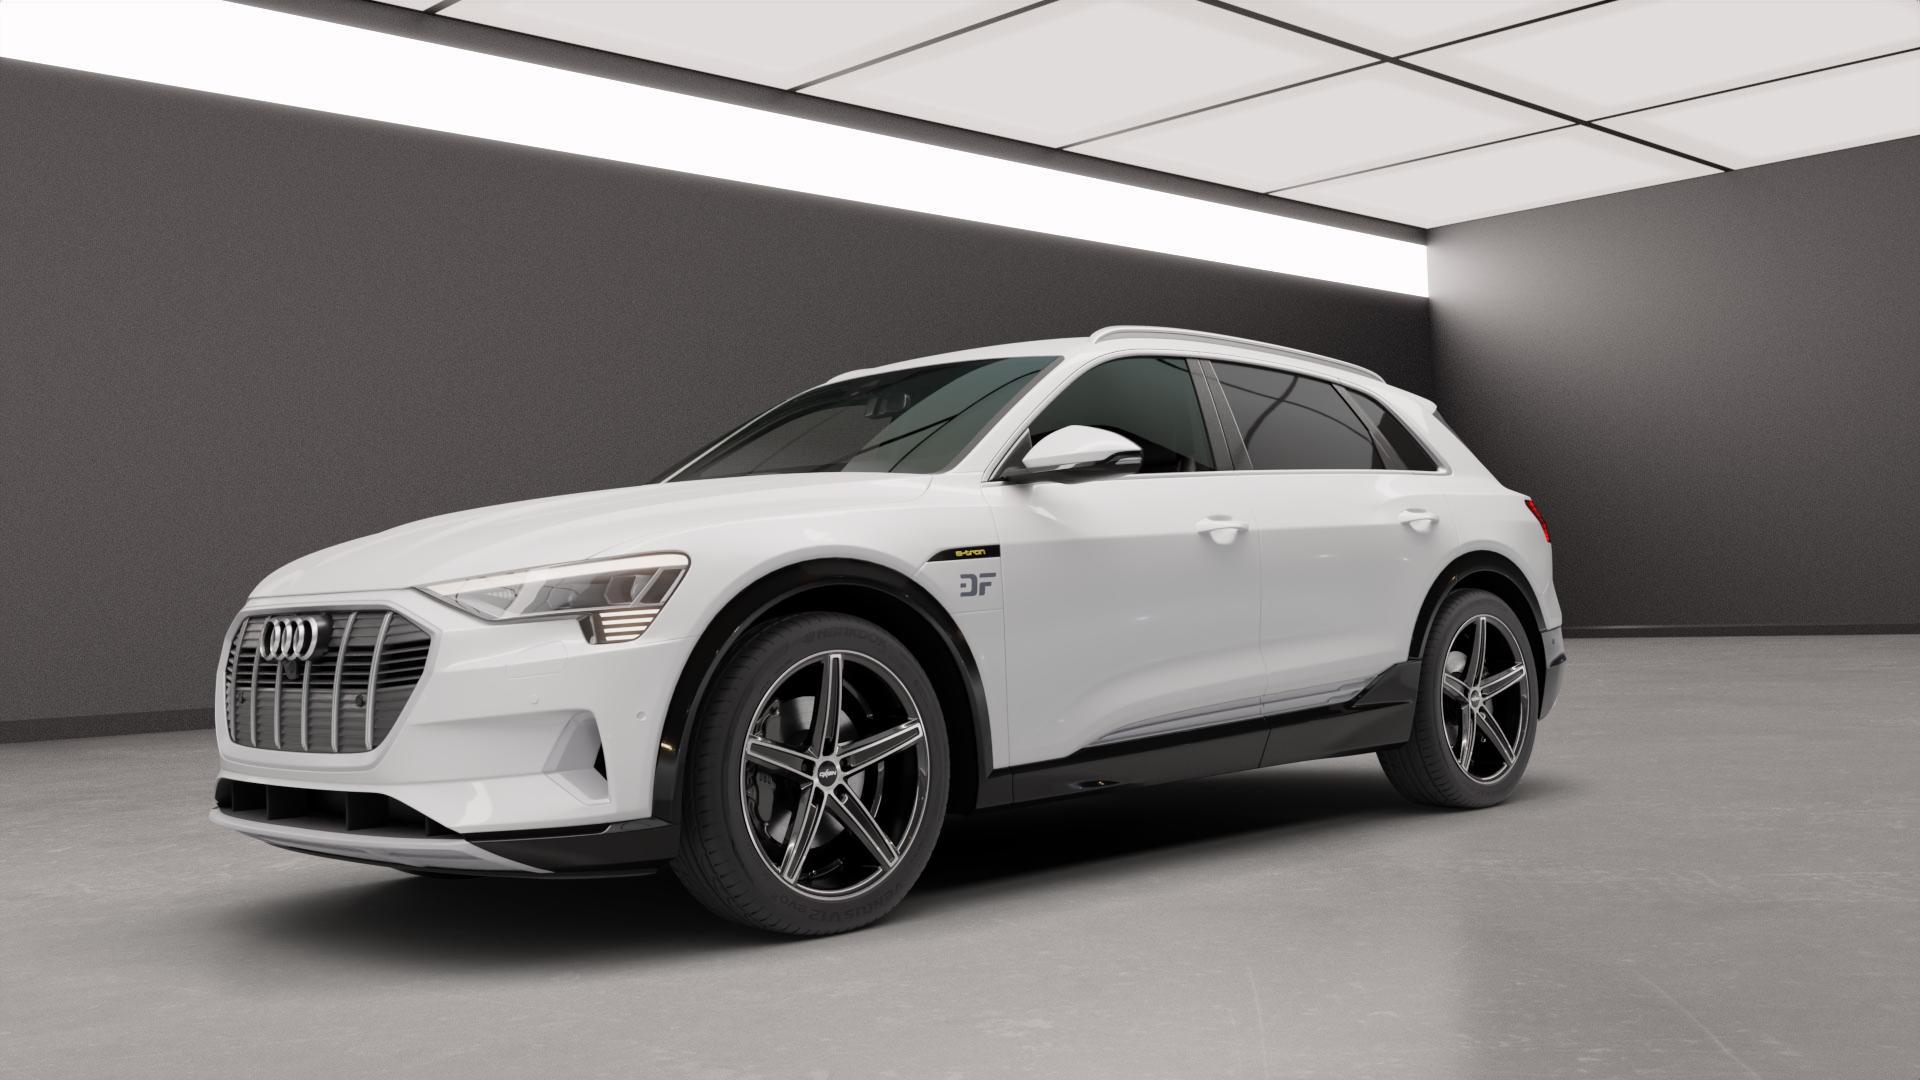 OXIGIN 18 Concave black full polish Felge mit Reifen silber schwarz mehrfarbig in 21Zoll Alufelge auf weissem Audi E-Tron Typ GE S ⬇️ mit 15mm Tieferlegung ⬇️ Neutral_mid_max5300mm Frontansicht_1